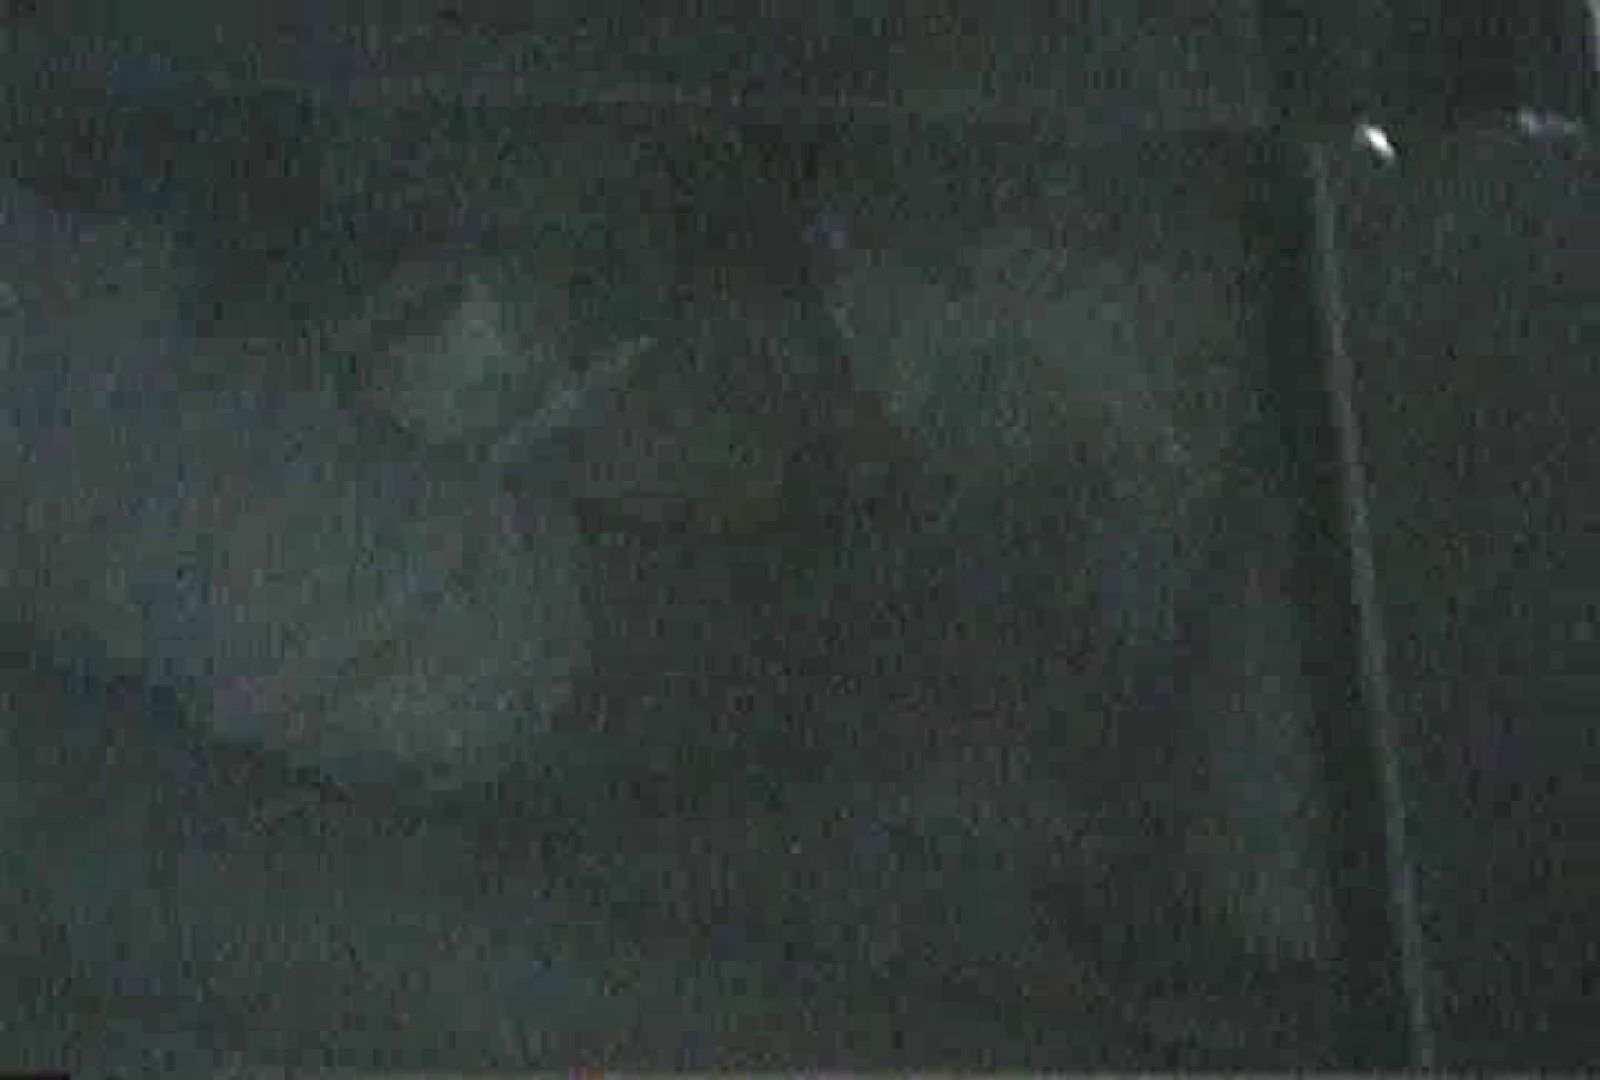 充血監督の深夜の運動会Vol.112 OLエロ画像 盗み撮りAV無料動画キャプチャ 83PICs 9